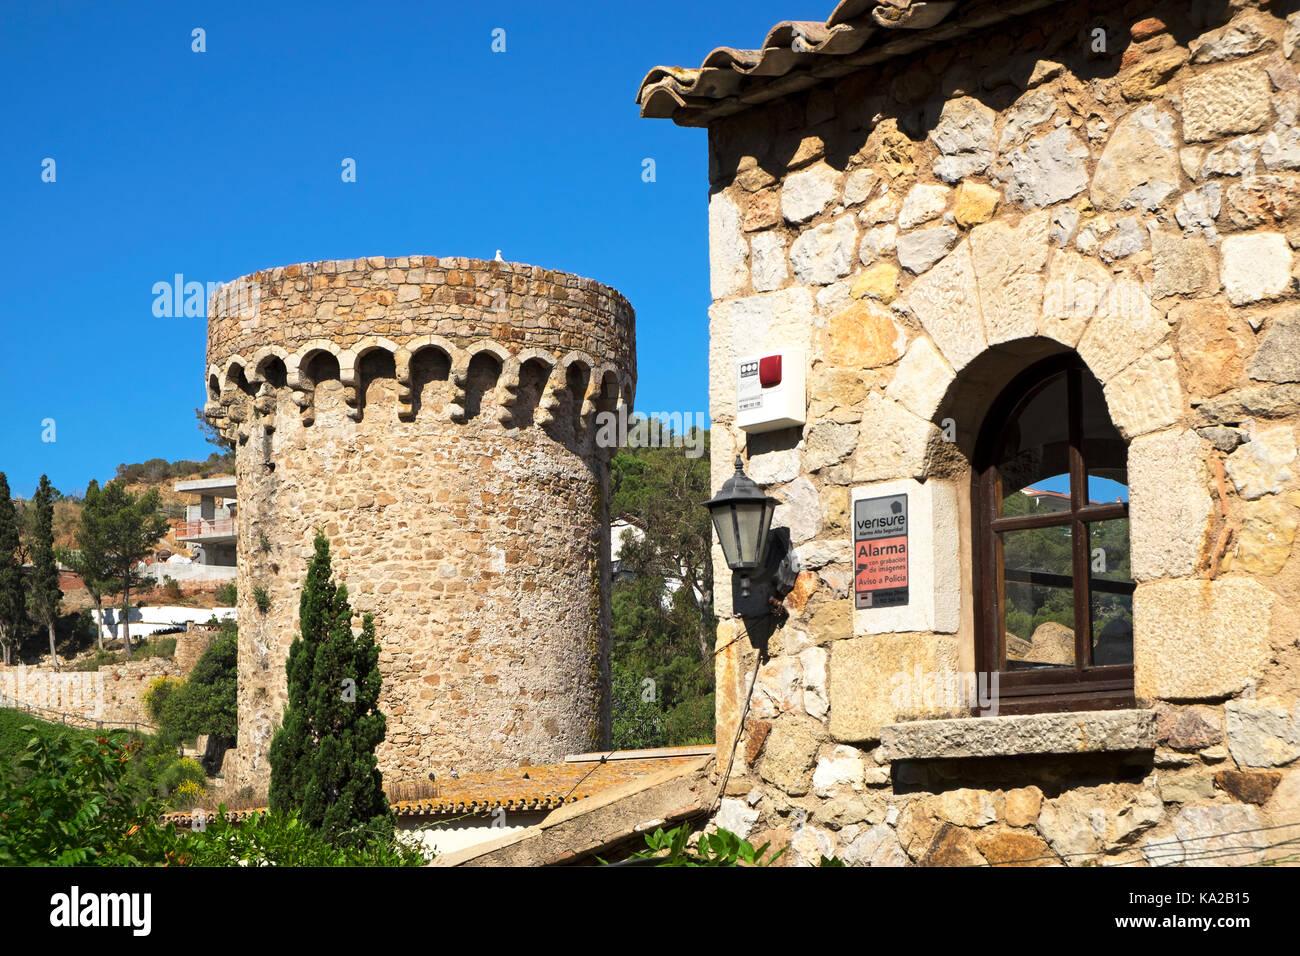 Gebäude in der Altstadt von Tossa de Mar, Costa Brava, Katalonien, Spanien, Stockbild